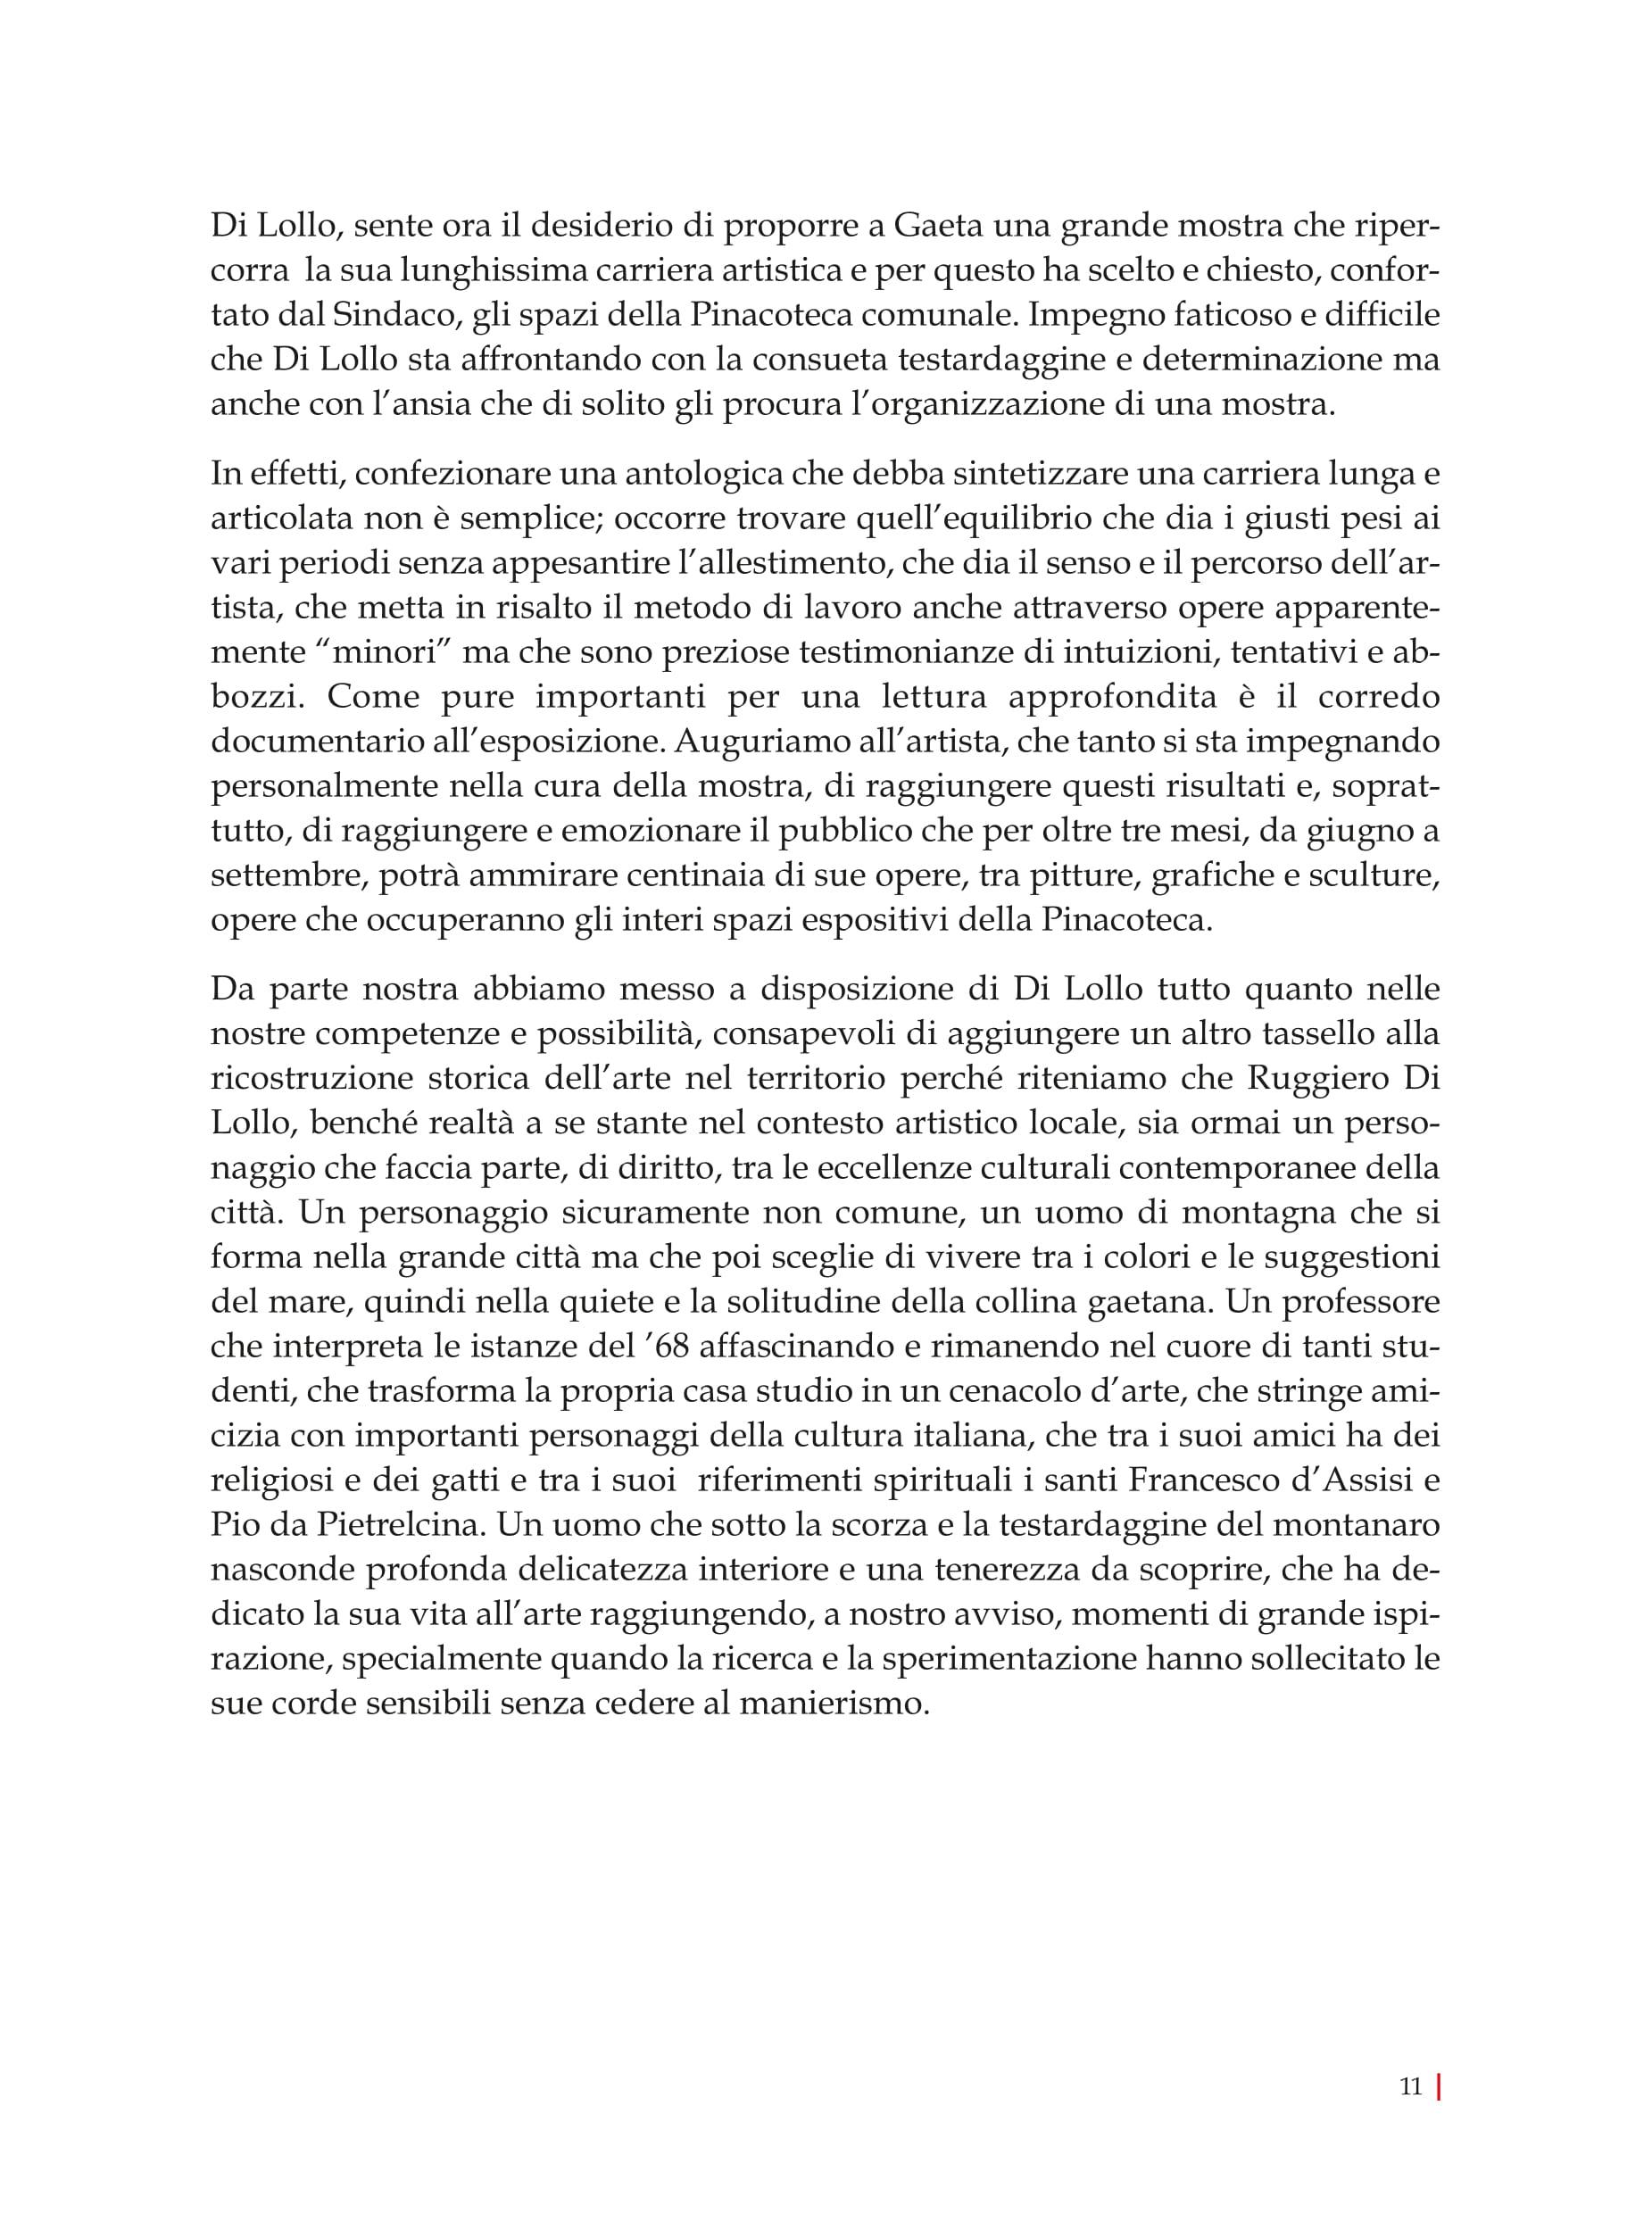 Di Lollo imp18-6-011